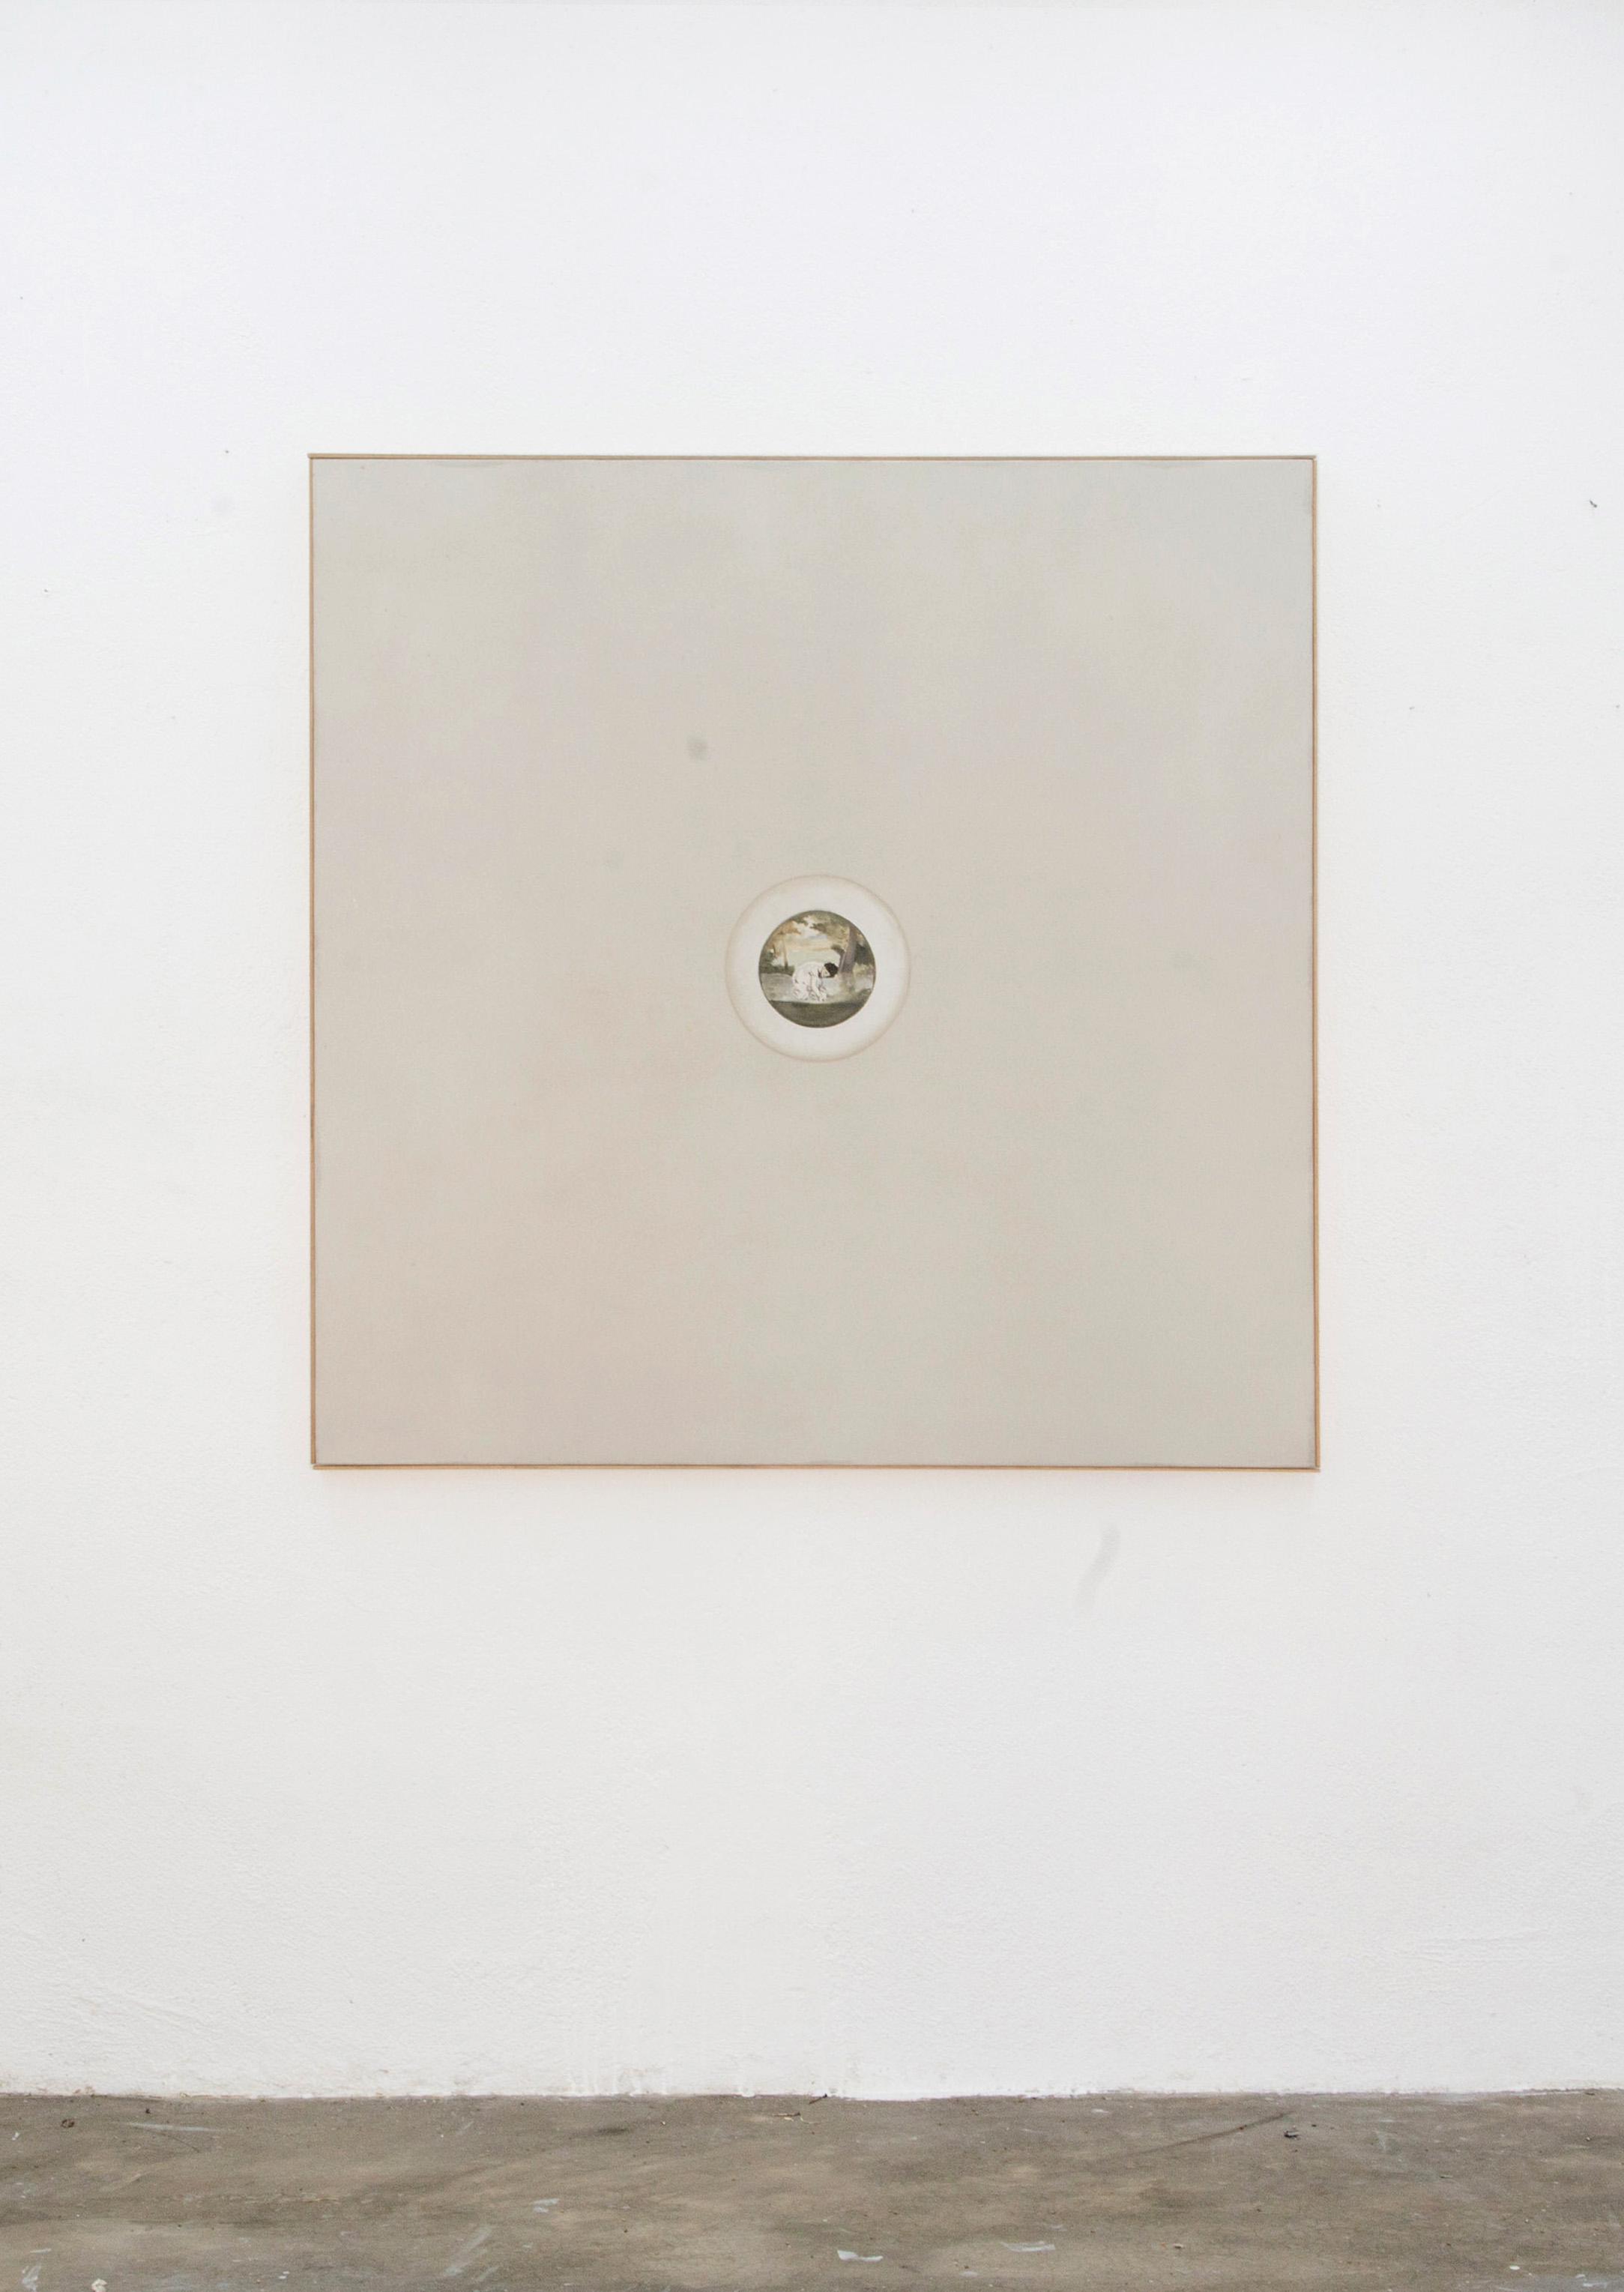 Renato Rios Serie Luccioles Monet, 2015 óleo sobre linho 30cm x 30cm